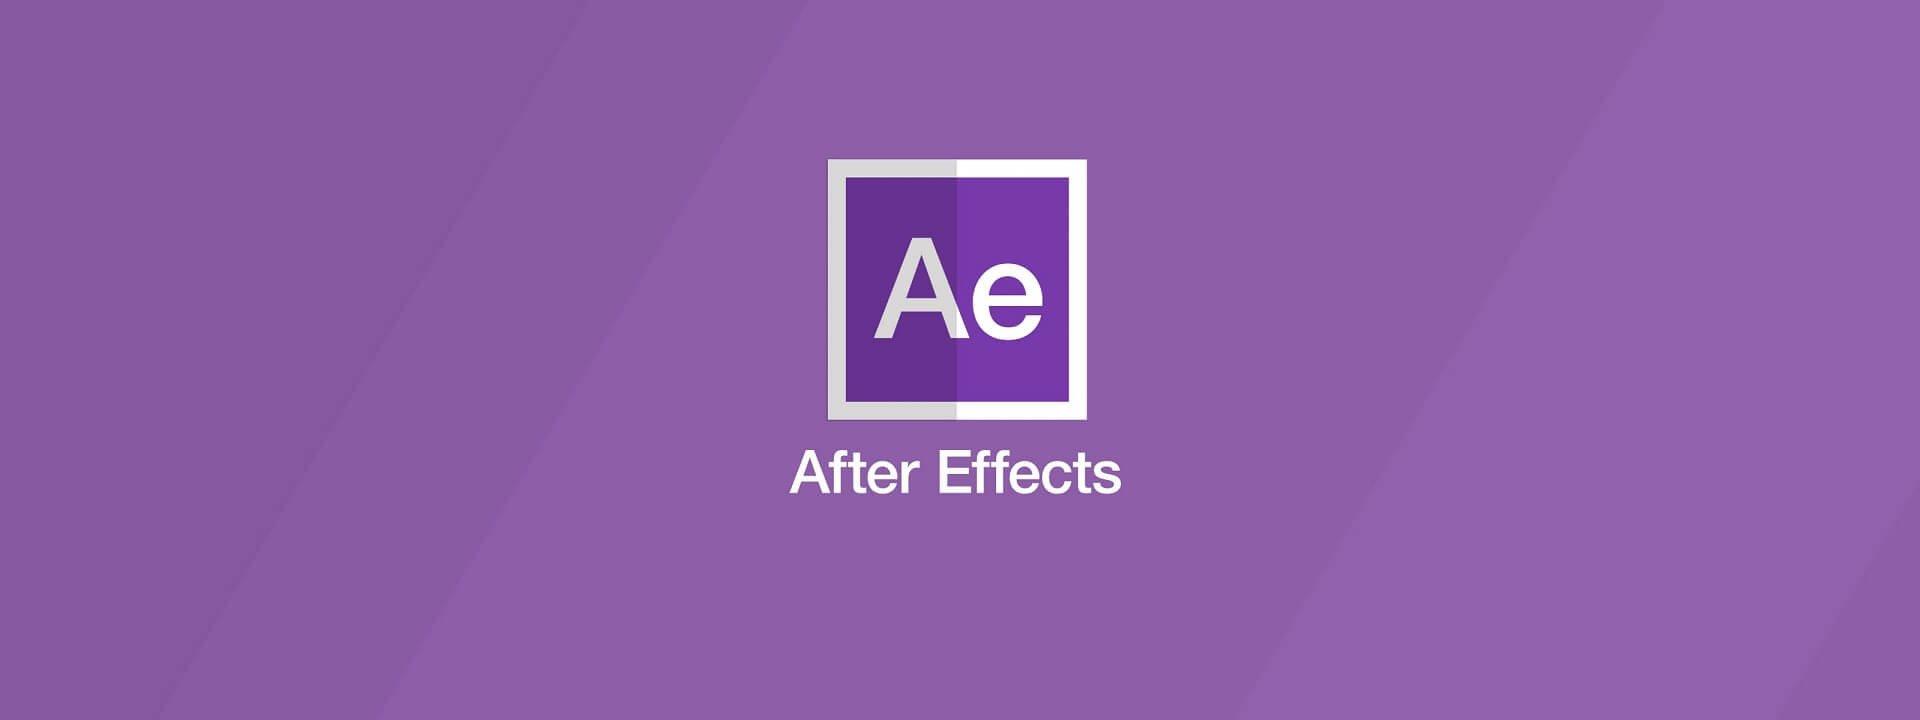 Free after Effects Logo Templates افتر افکت چیست و چه کاربرد هایی دارد ؟ هاو کن یو